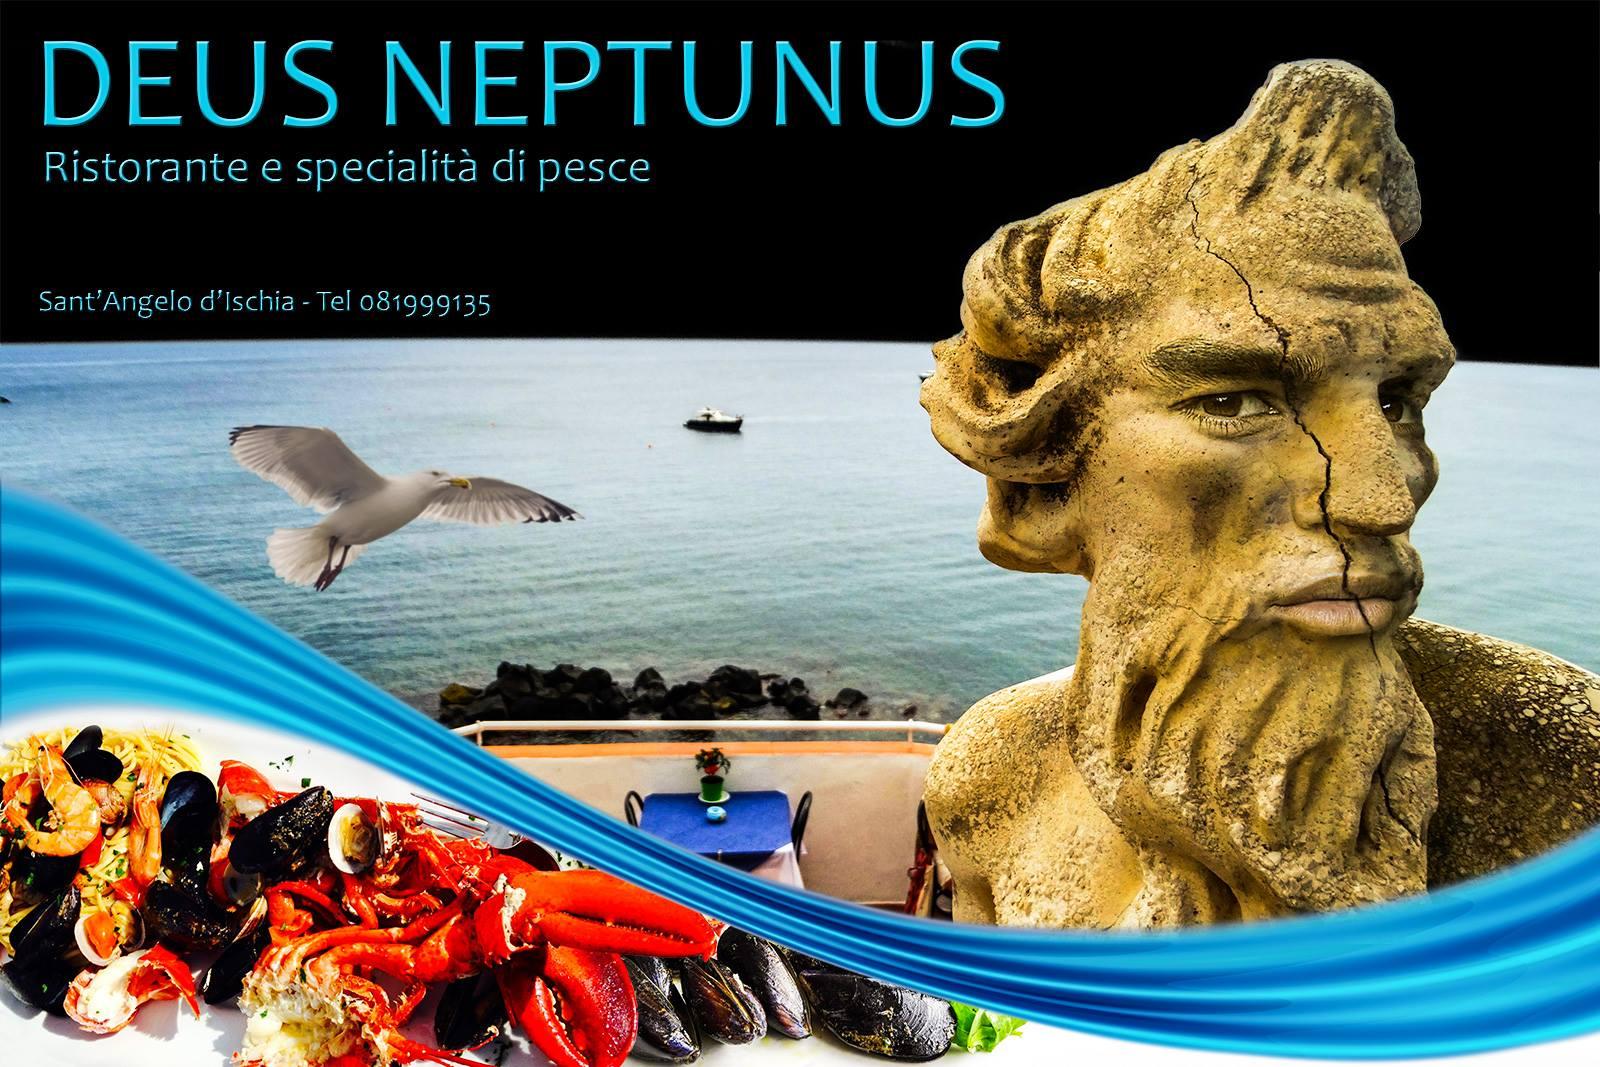 Ristorante Deus Neptunus Sant'Angelo